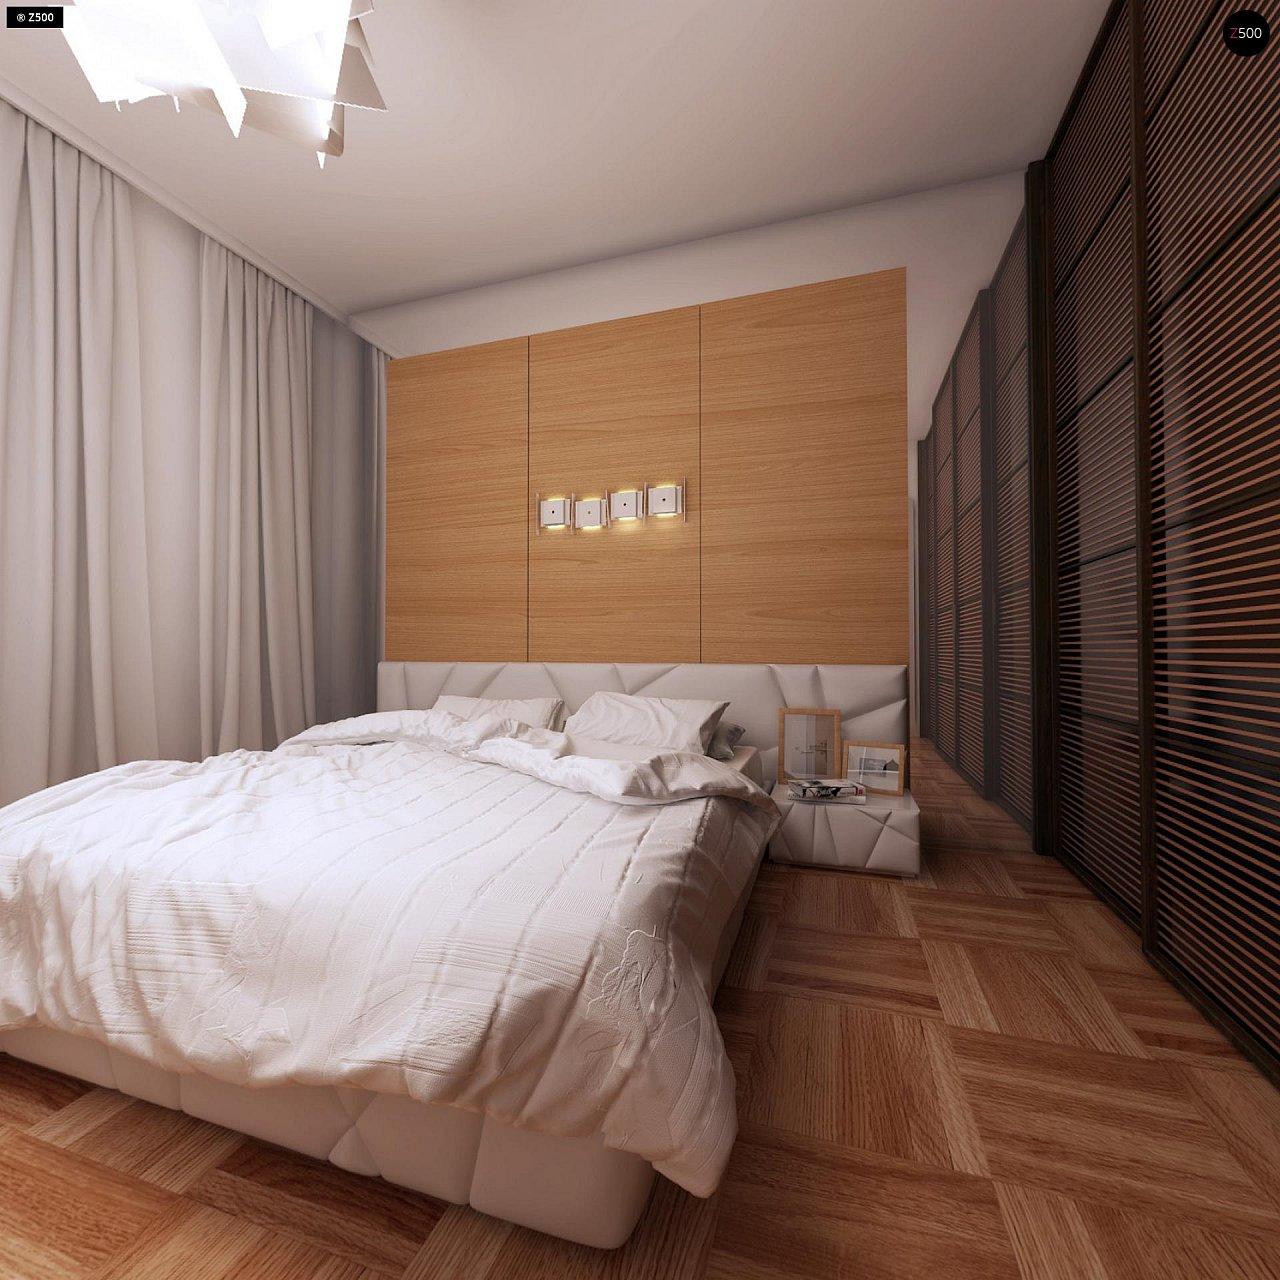 Компактный одноэтажный дом простой формы с возможностью обустройства чердачного помещения. 12